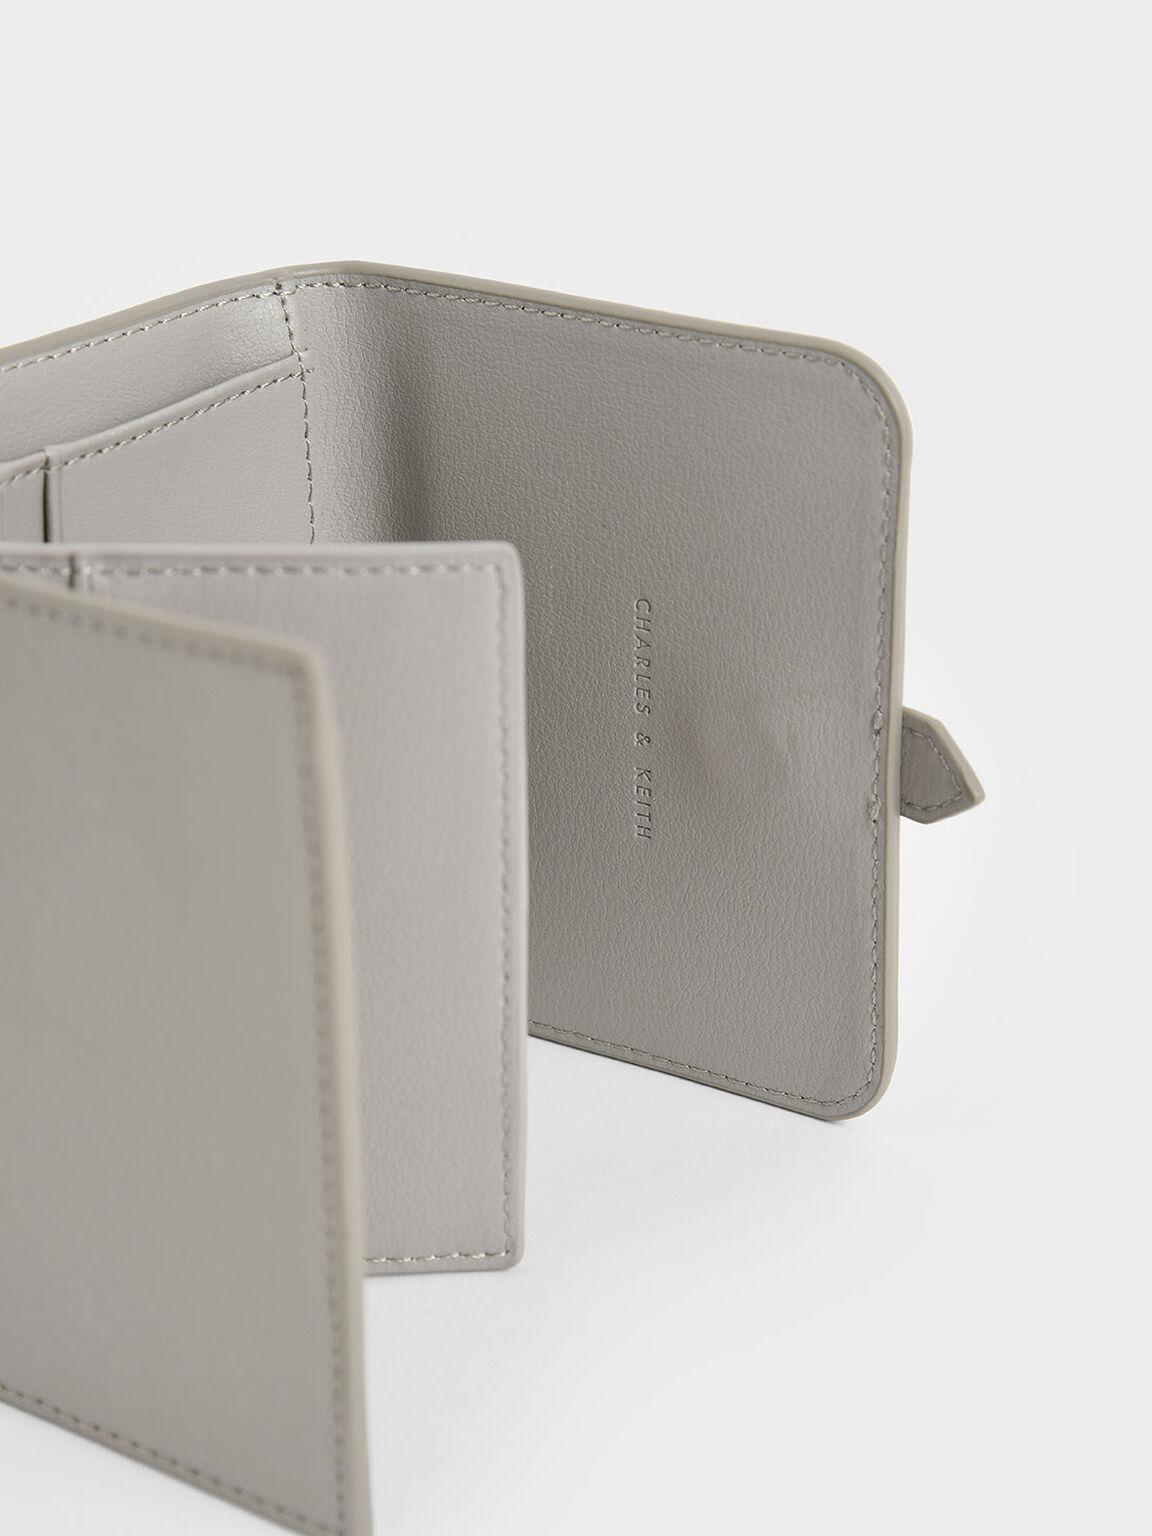 Buckle Strap Short Wallet, Grey, hi-res